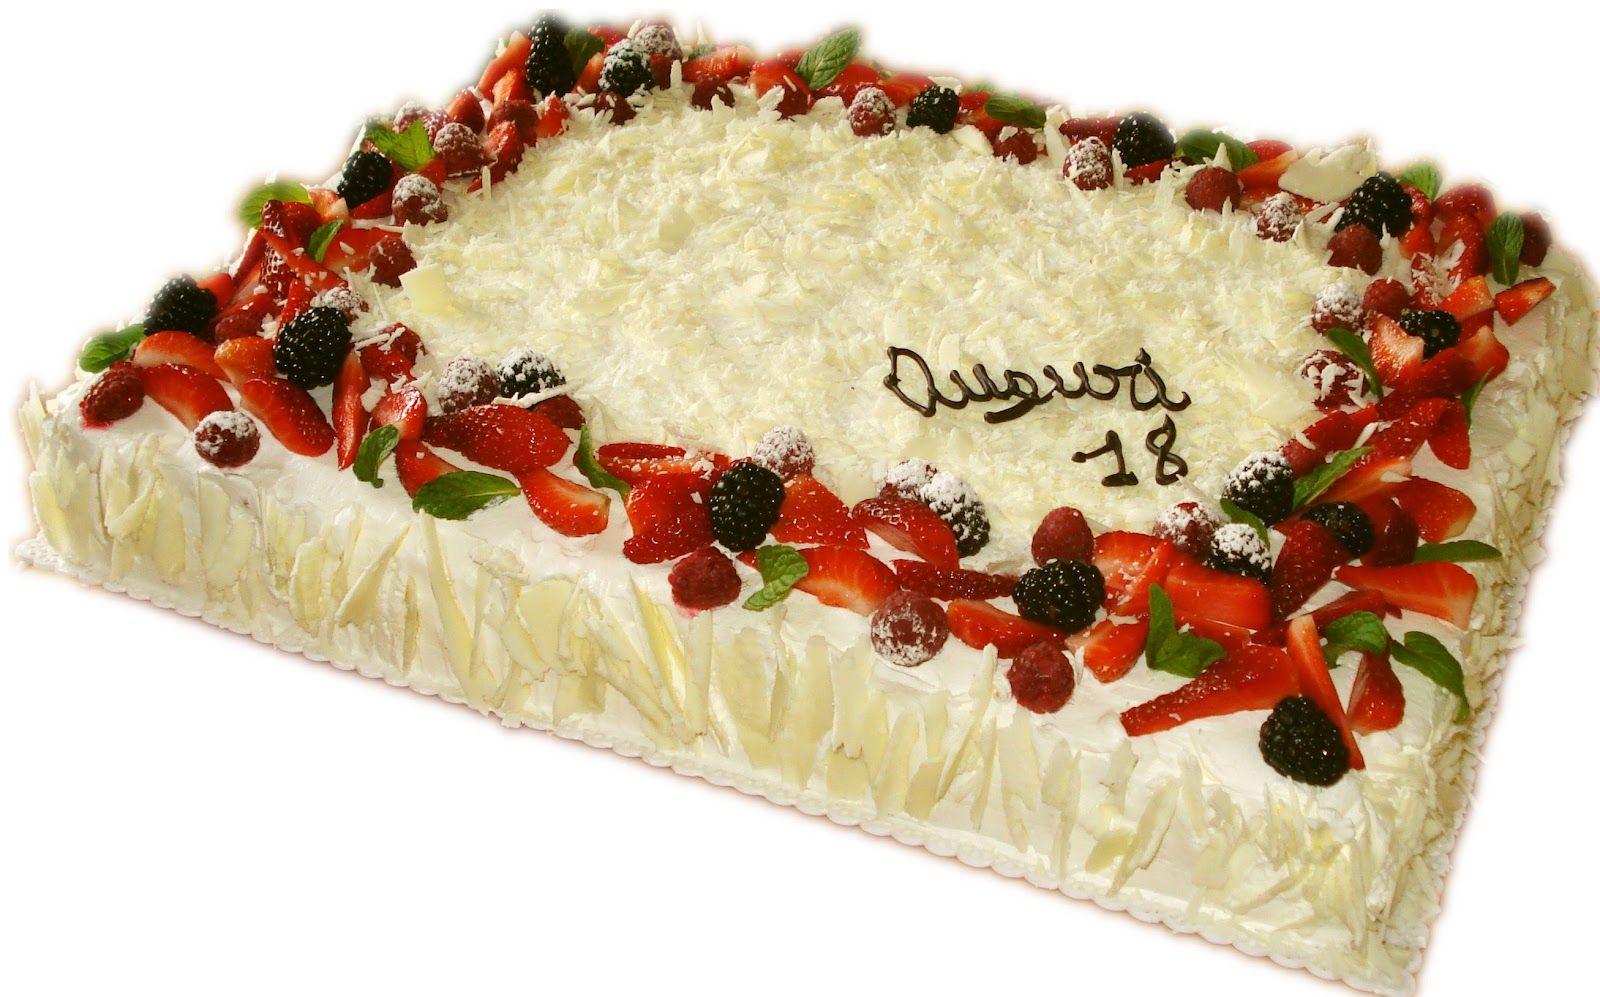 Torte con la panna decorate cerca con google torte di for Decorazioni torte frutta e panna